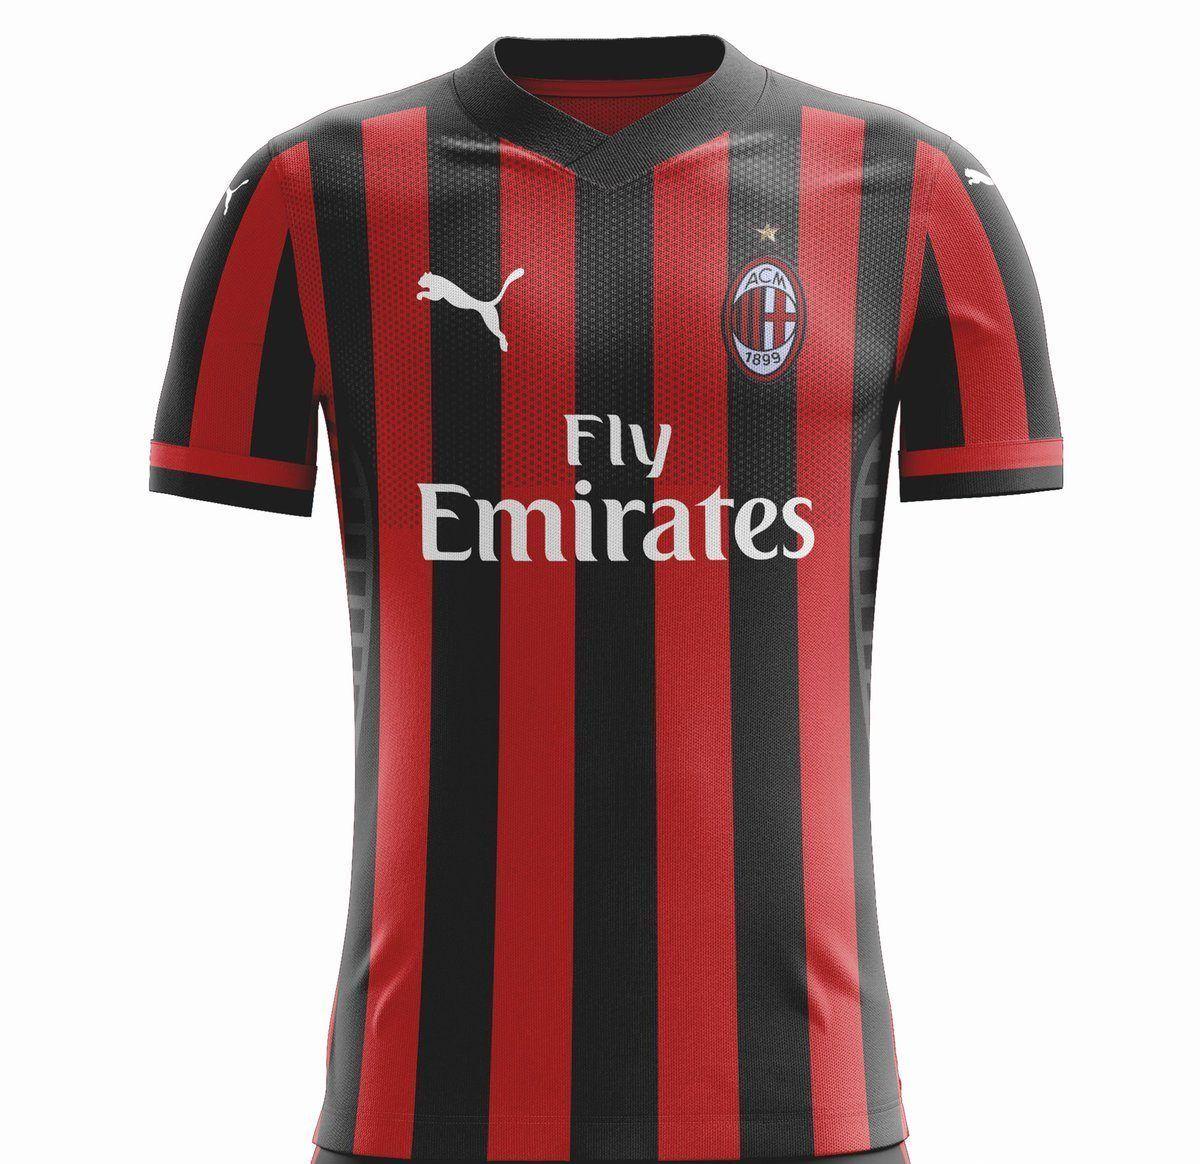 Cheap Ac Milan Soccer Kit Jersey Shirt Ac Milan Jersey Shirt Milan